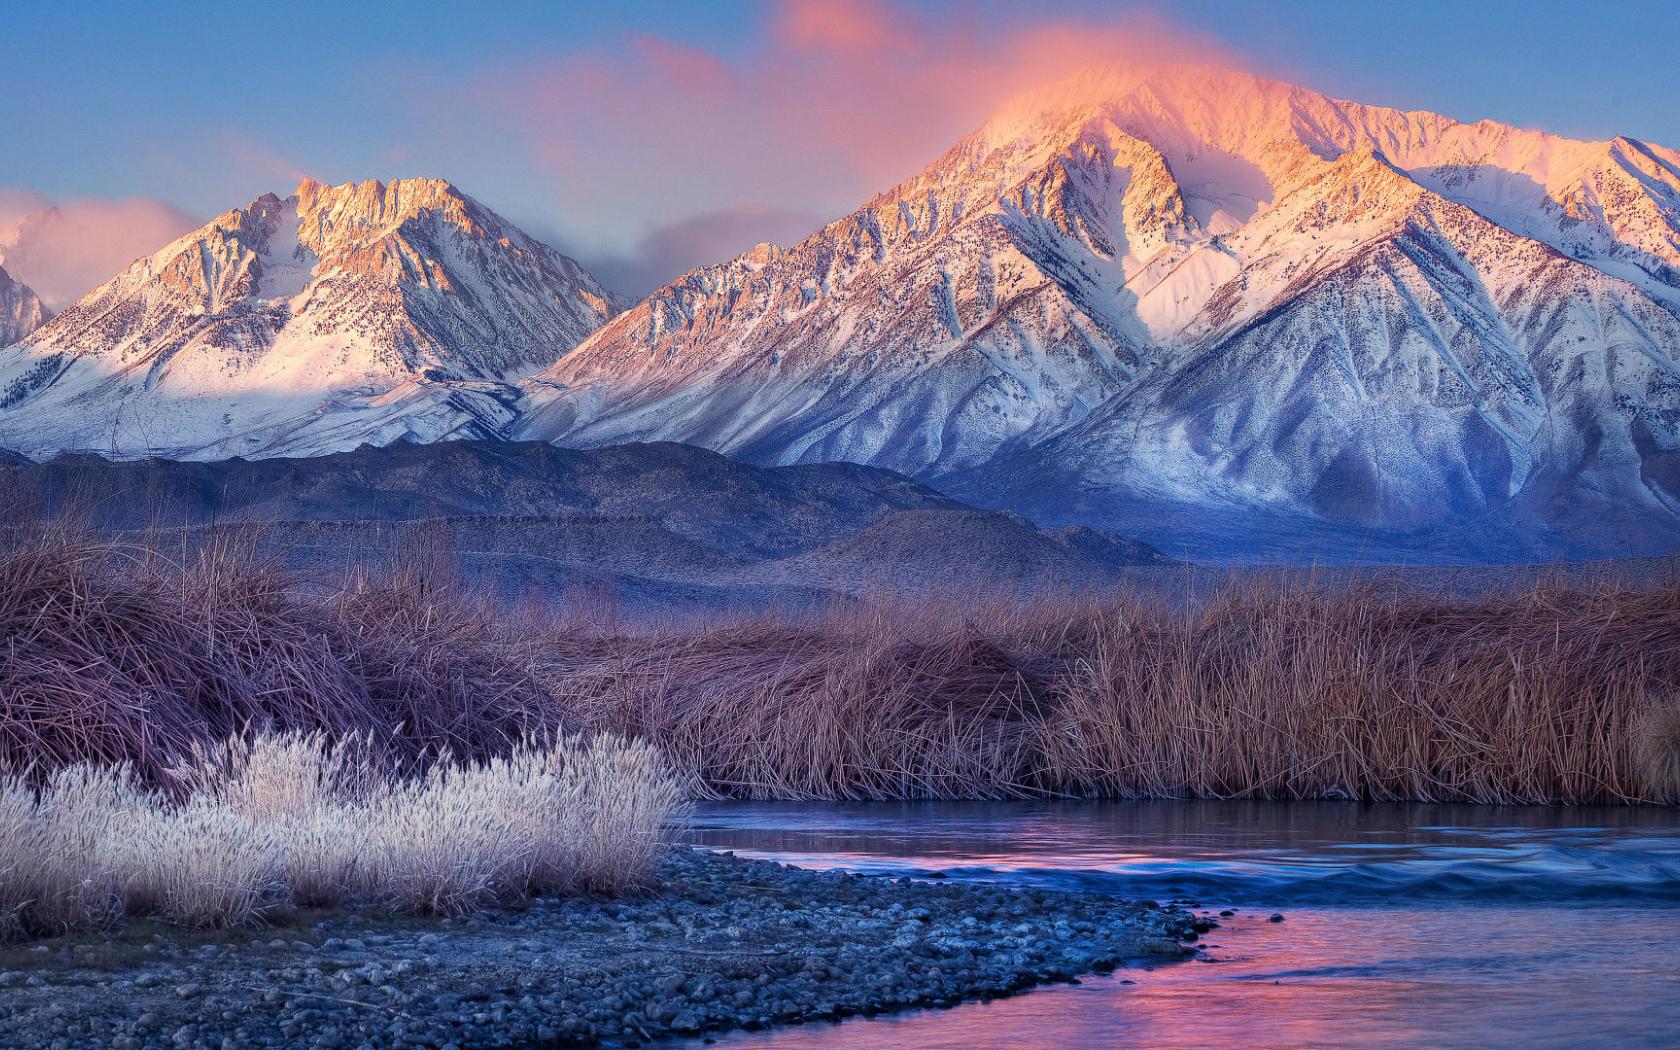 Free Download Wallpapers E Sfondi Paesaggi Invernali Con Neve